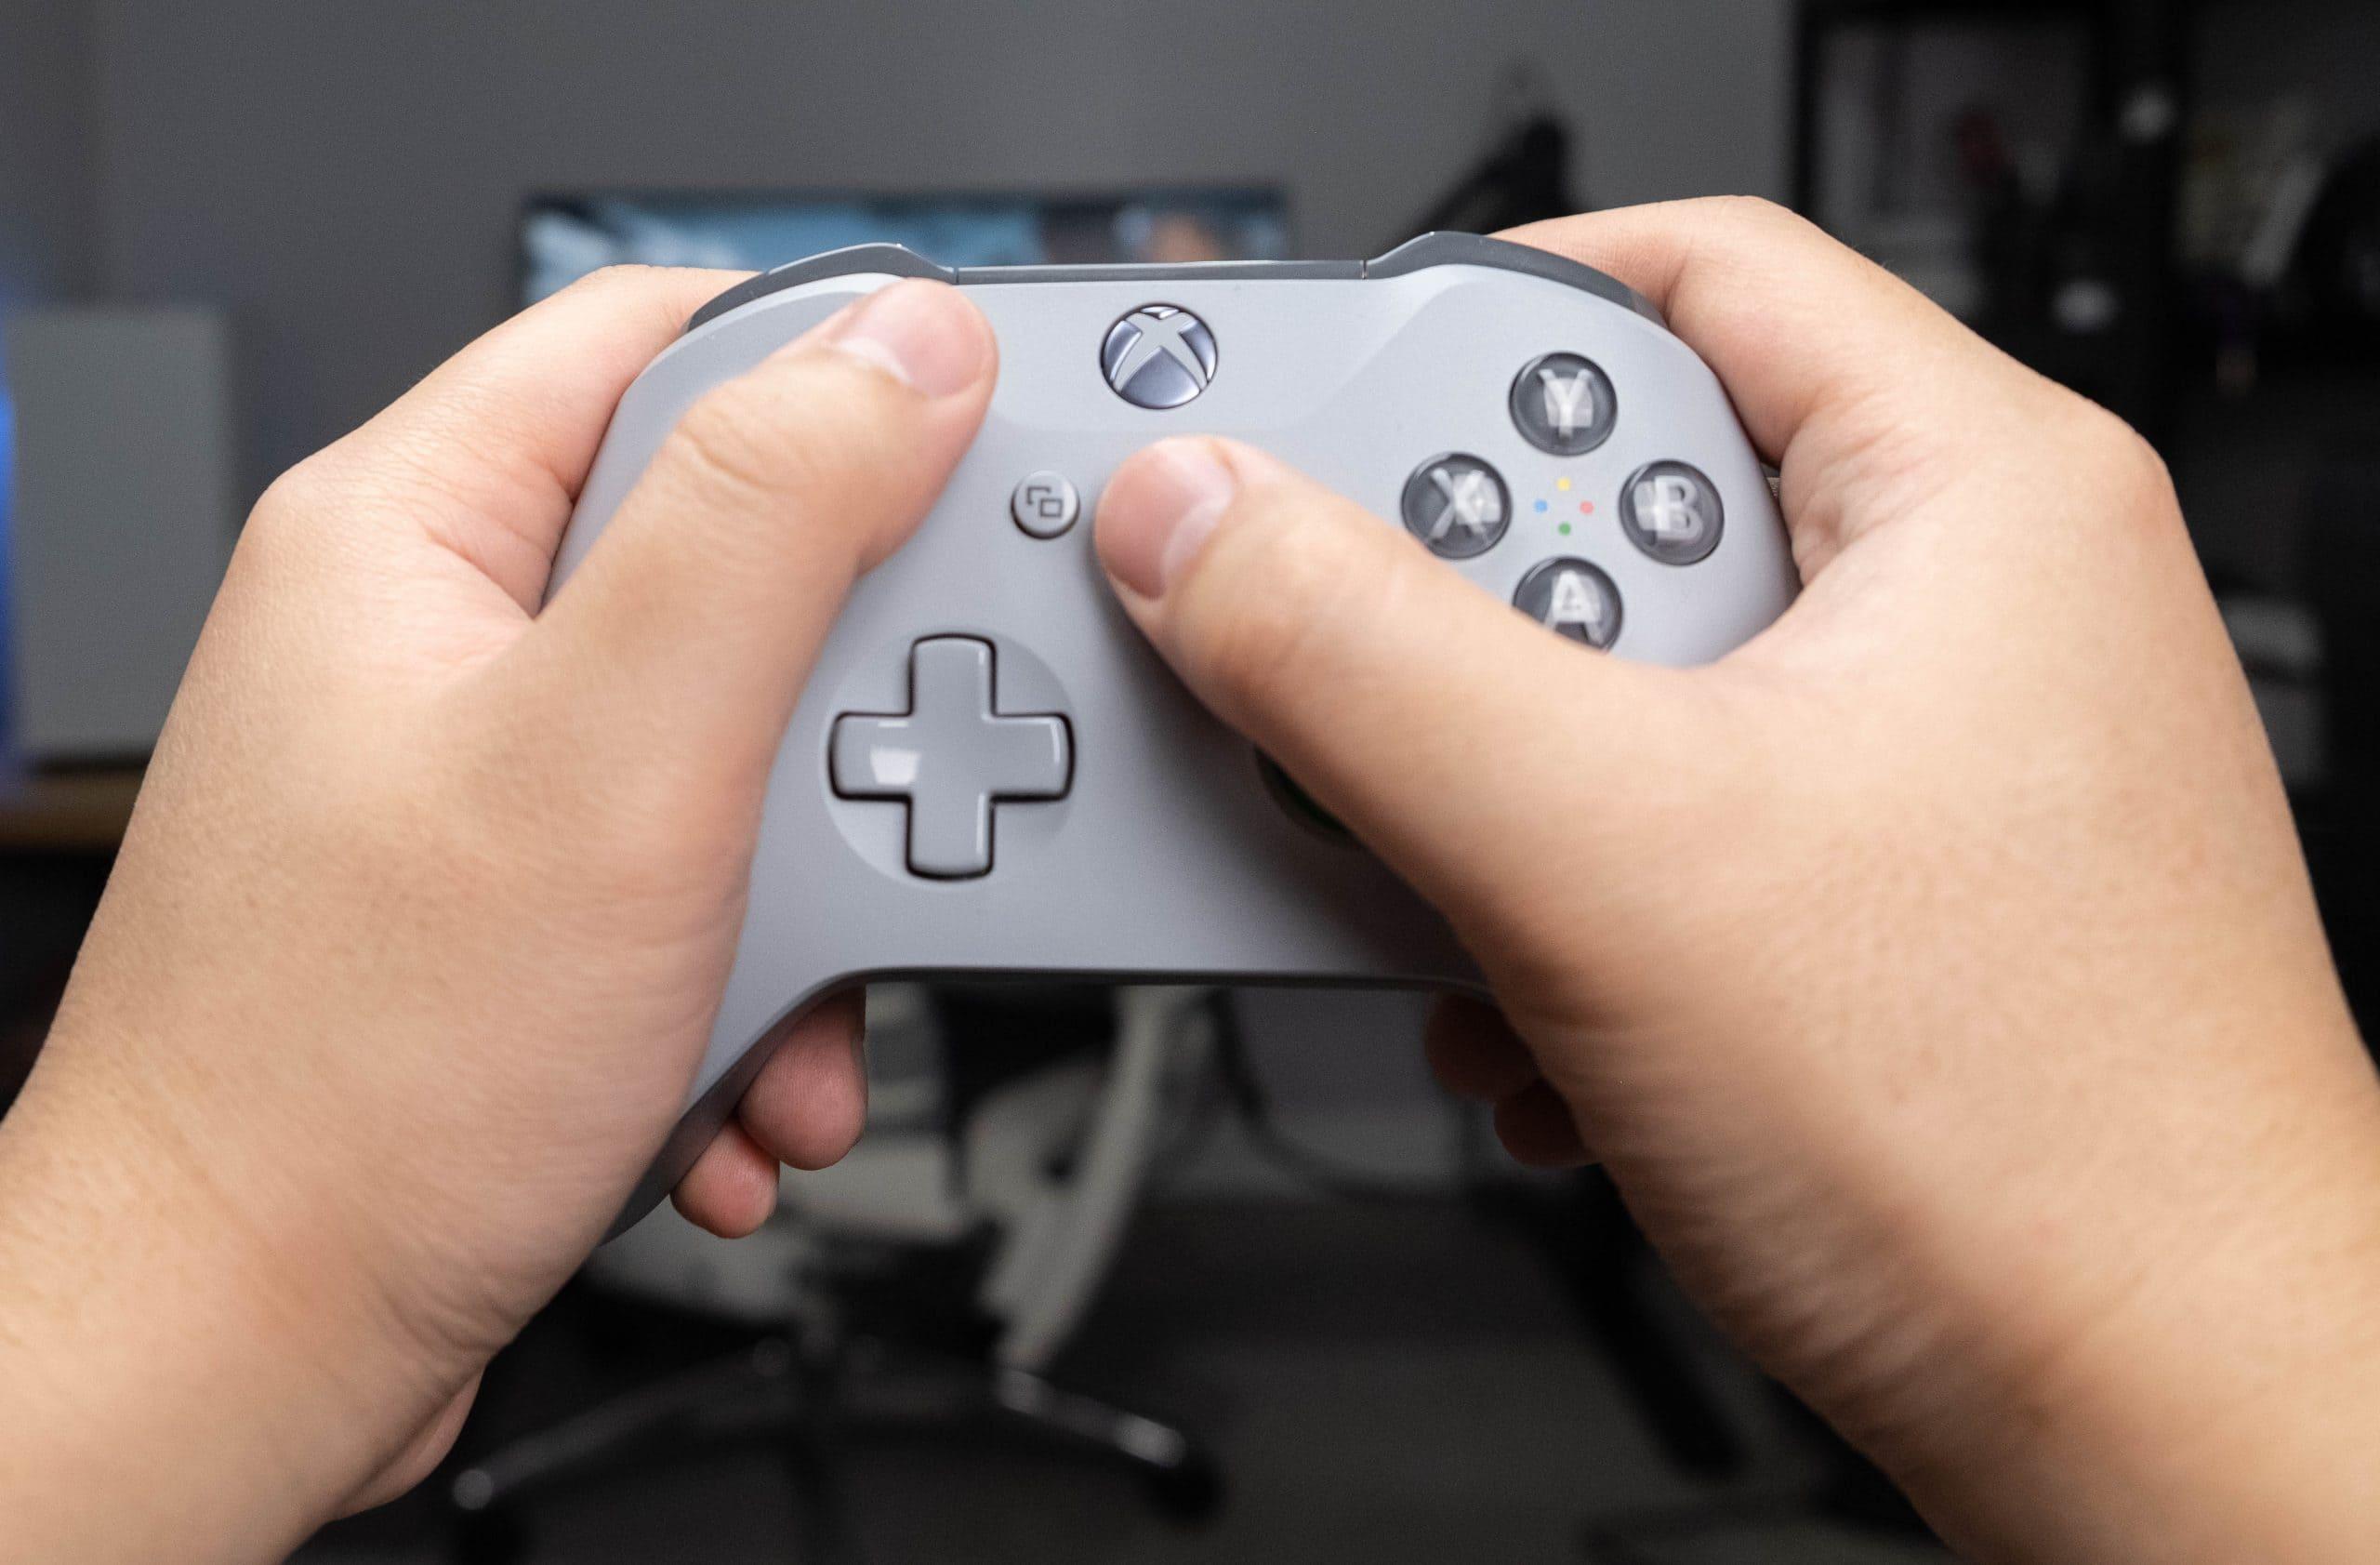 Xbox One X - Held